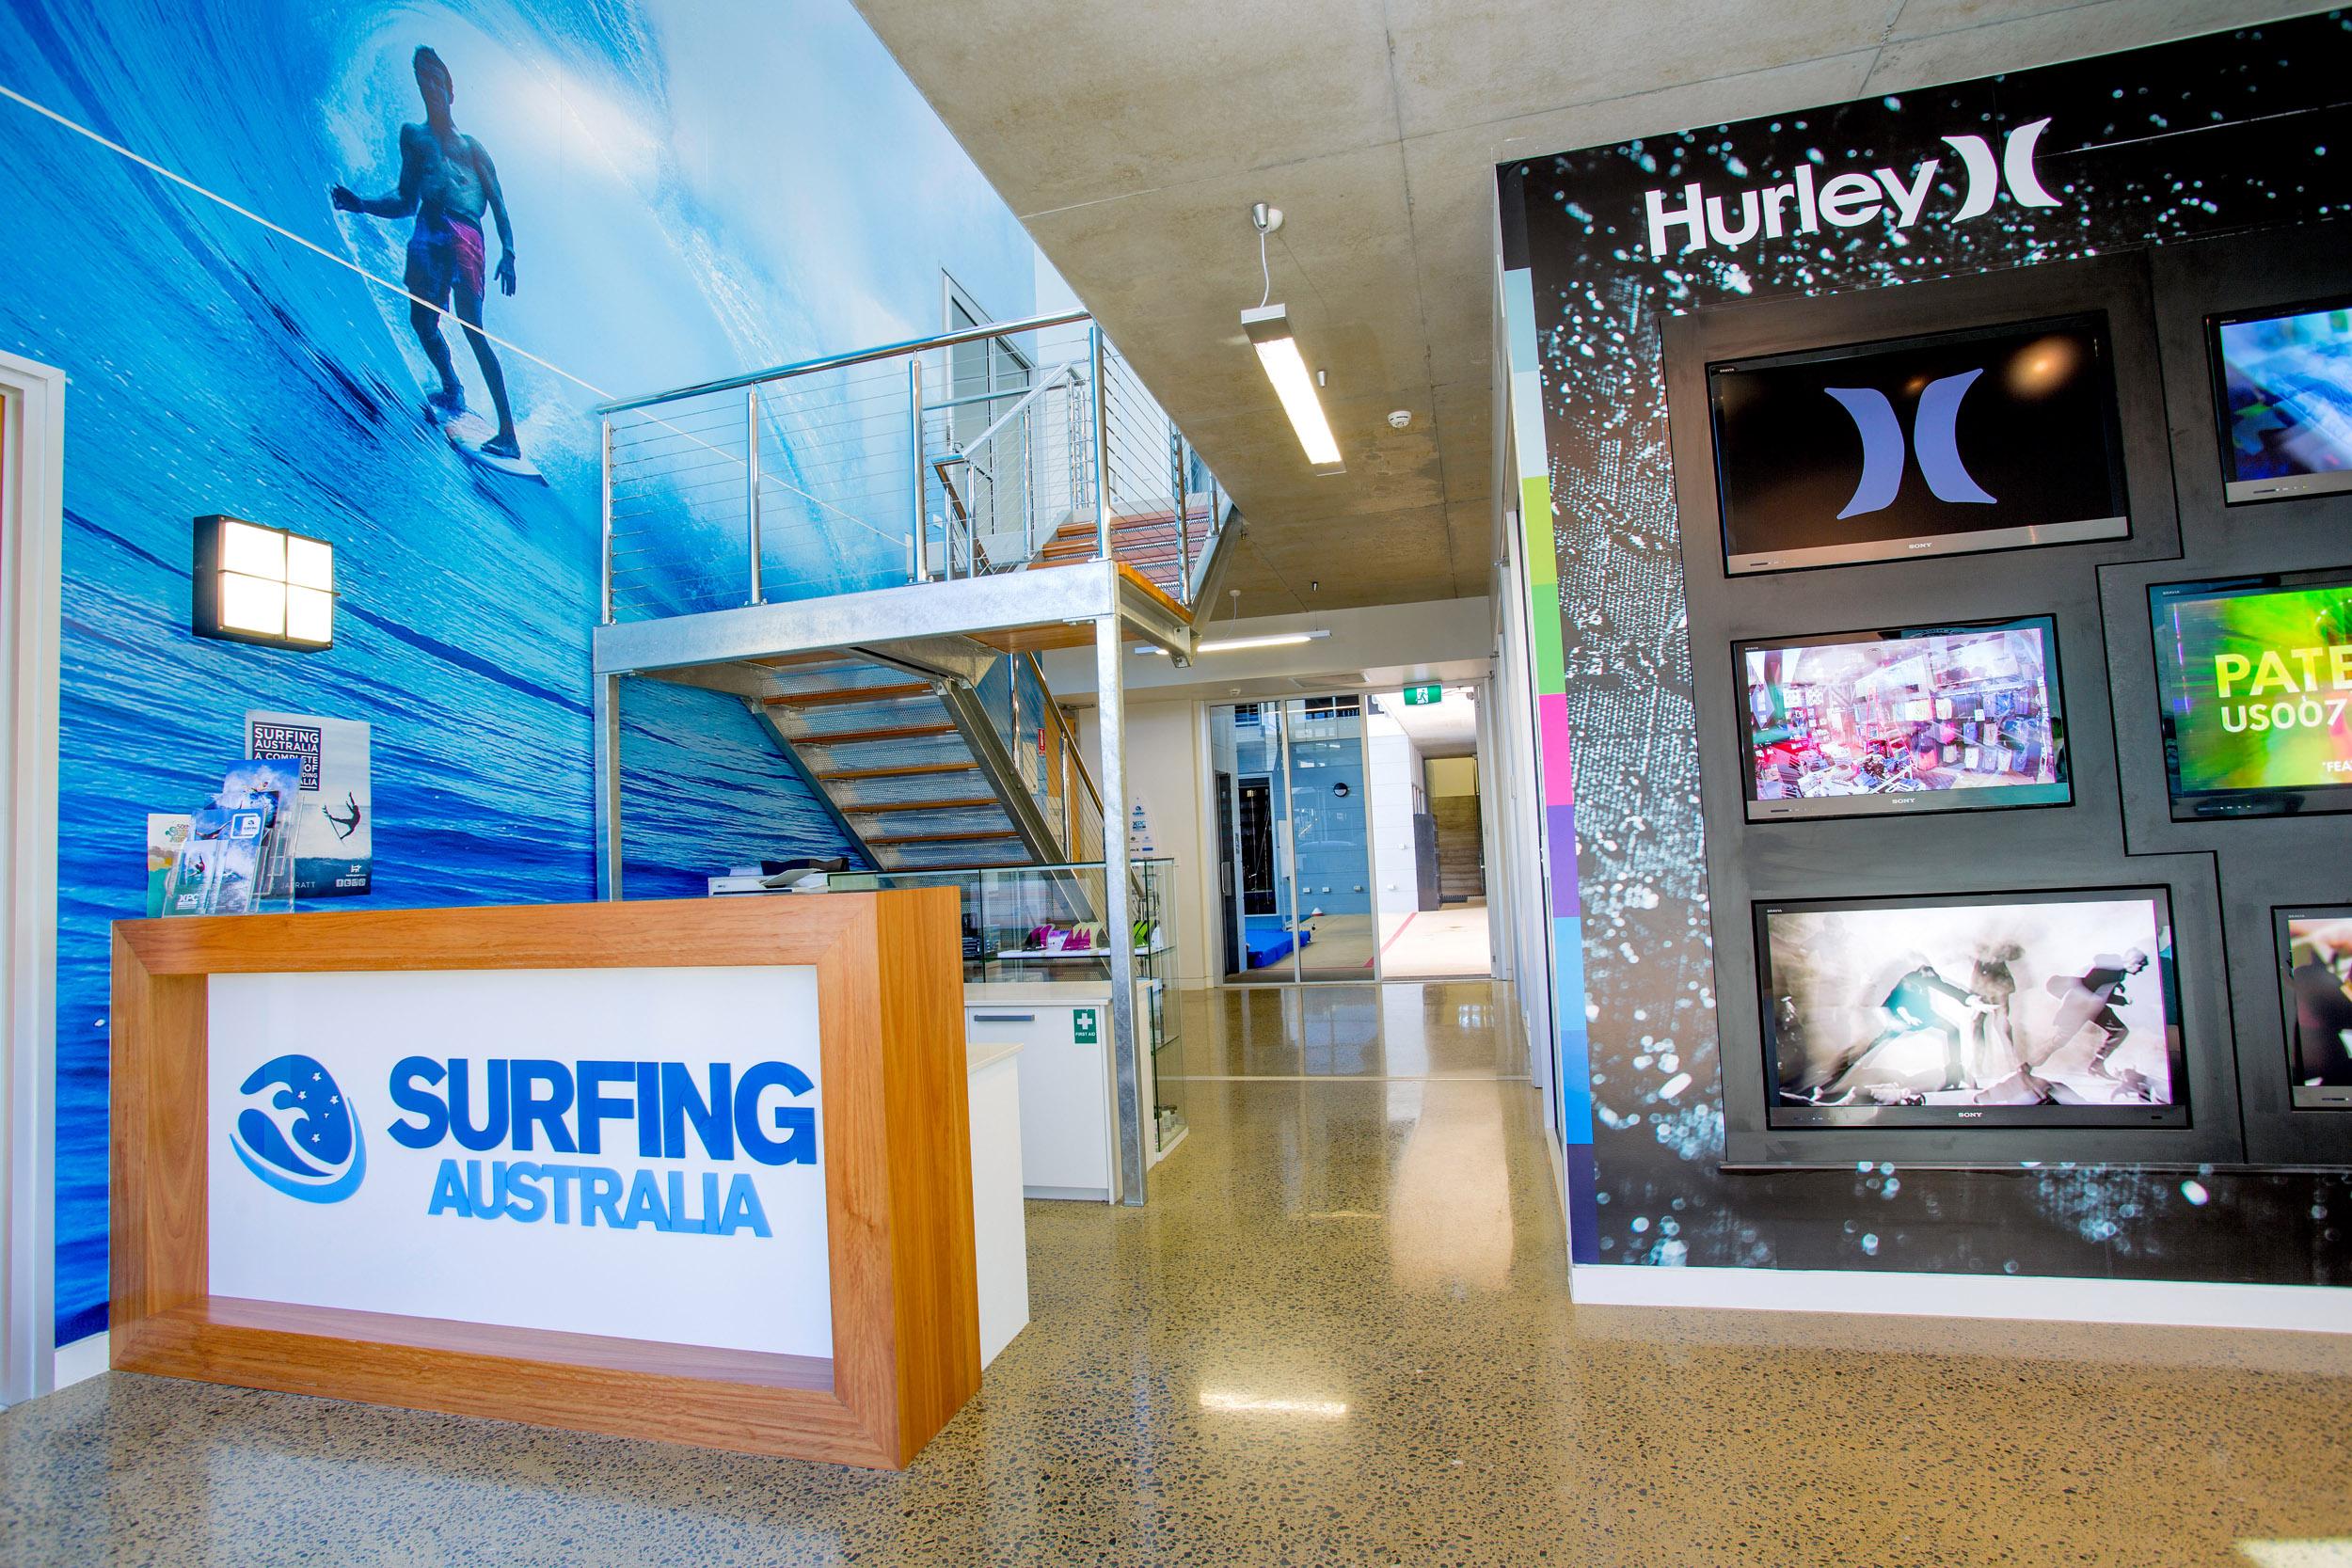 surfing-australia-hpc-centre-HPC-572.jpg